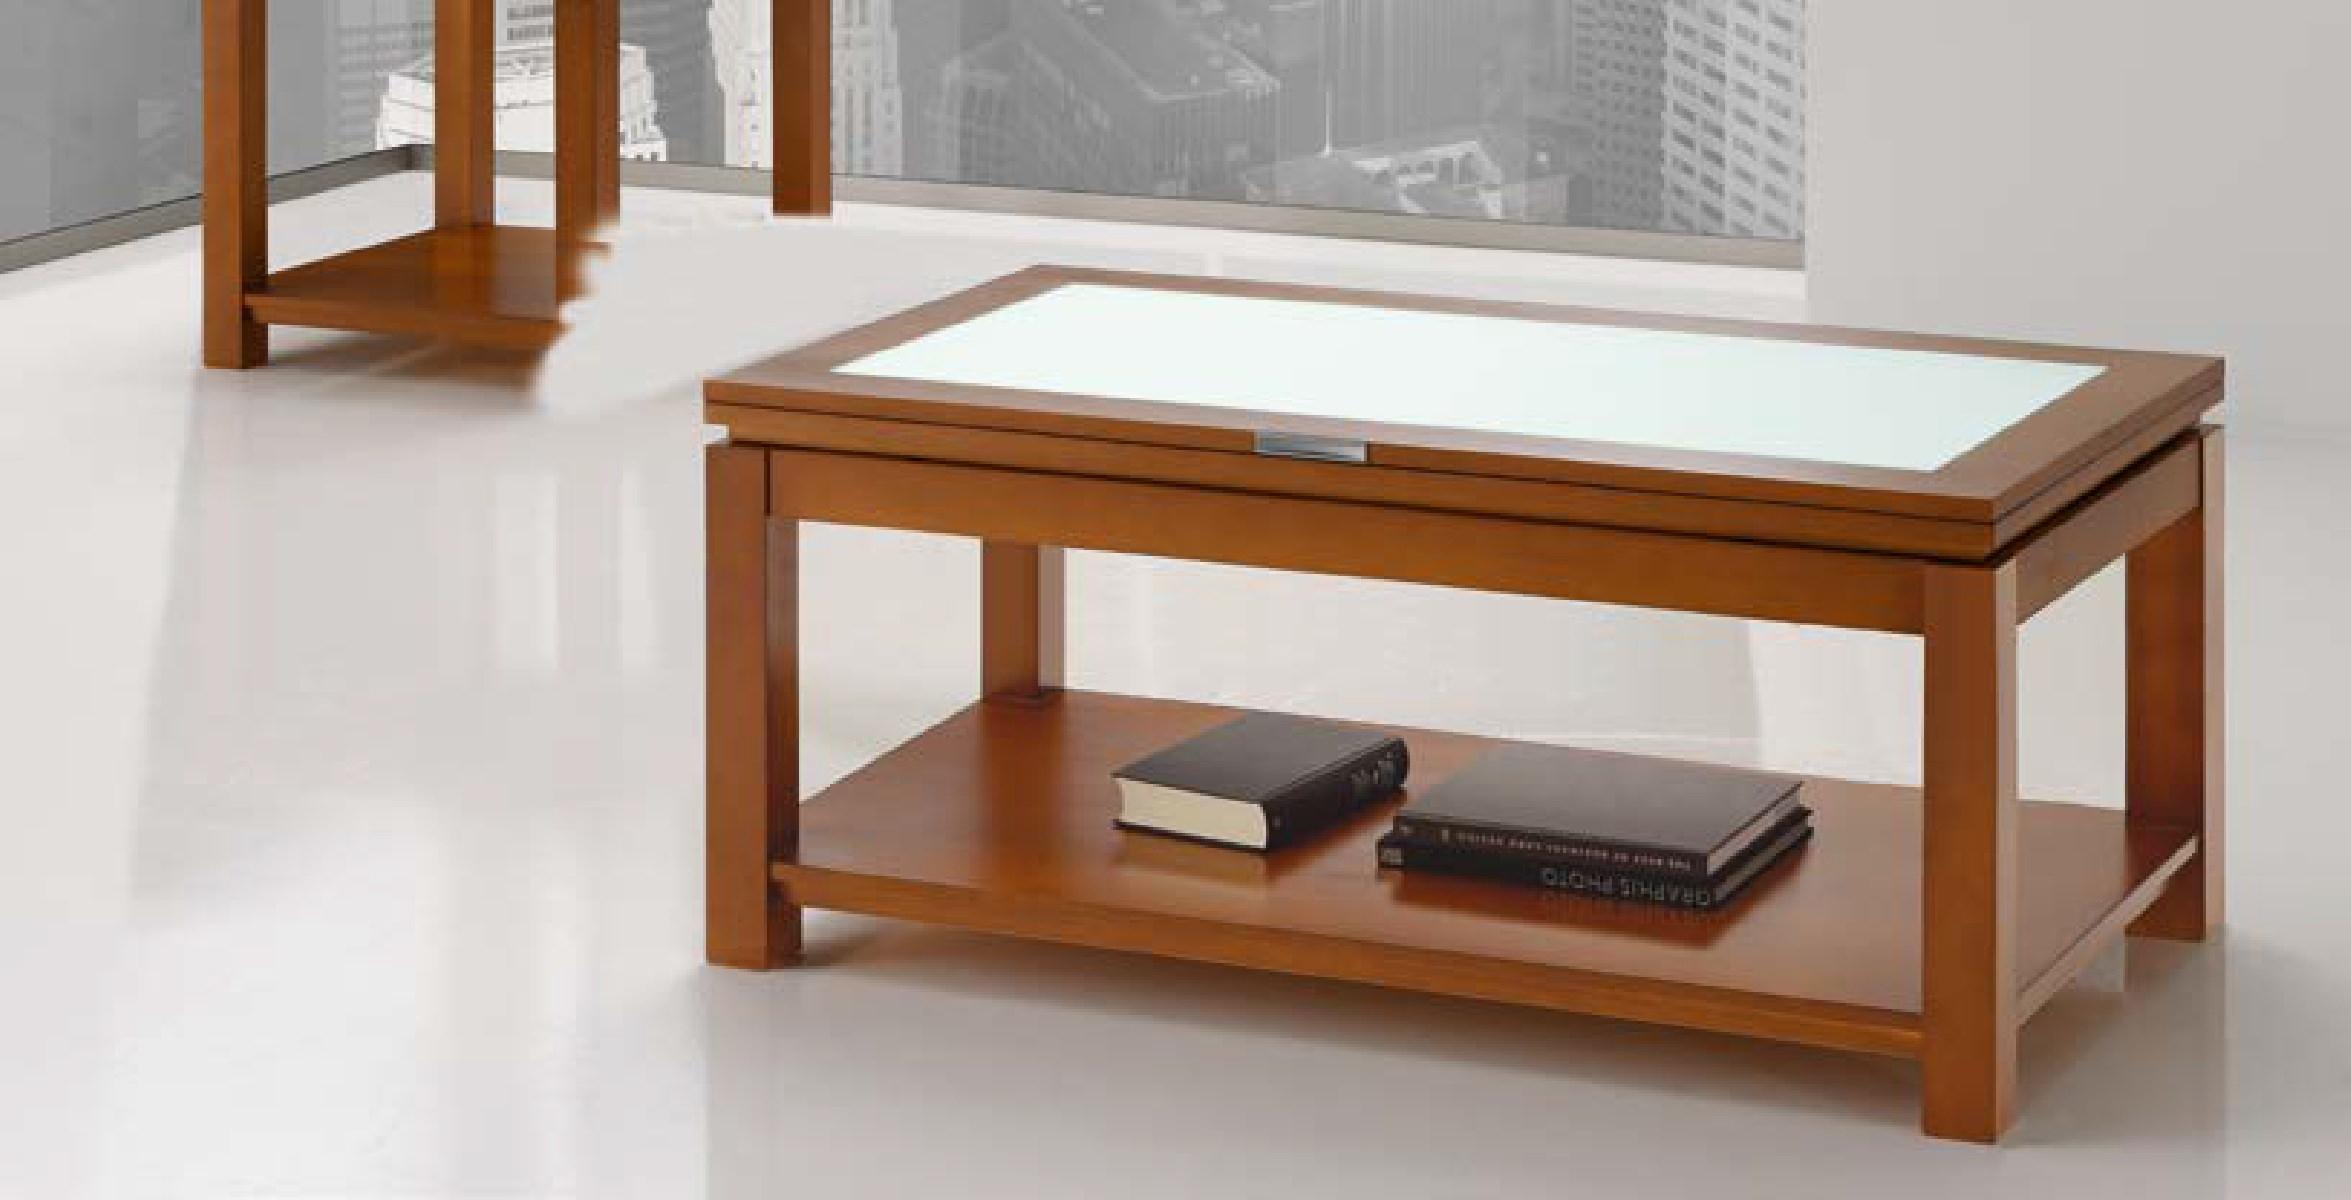 Журнальный стол трансформер 59 Disemobel